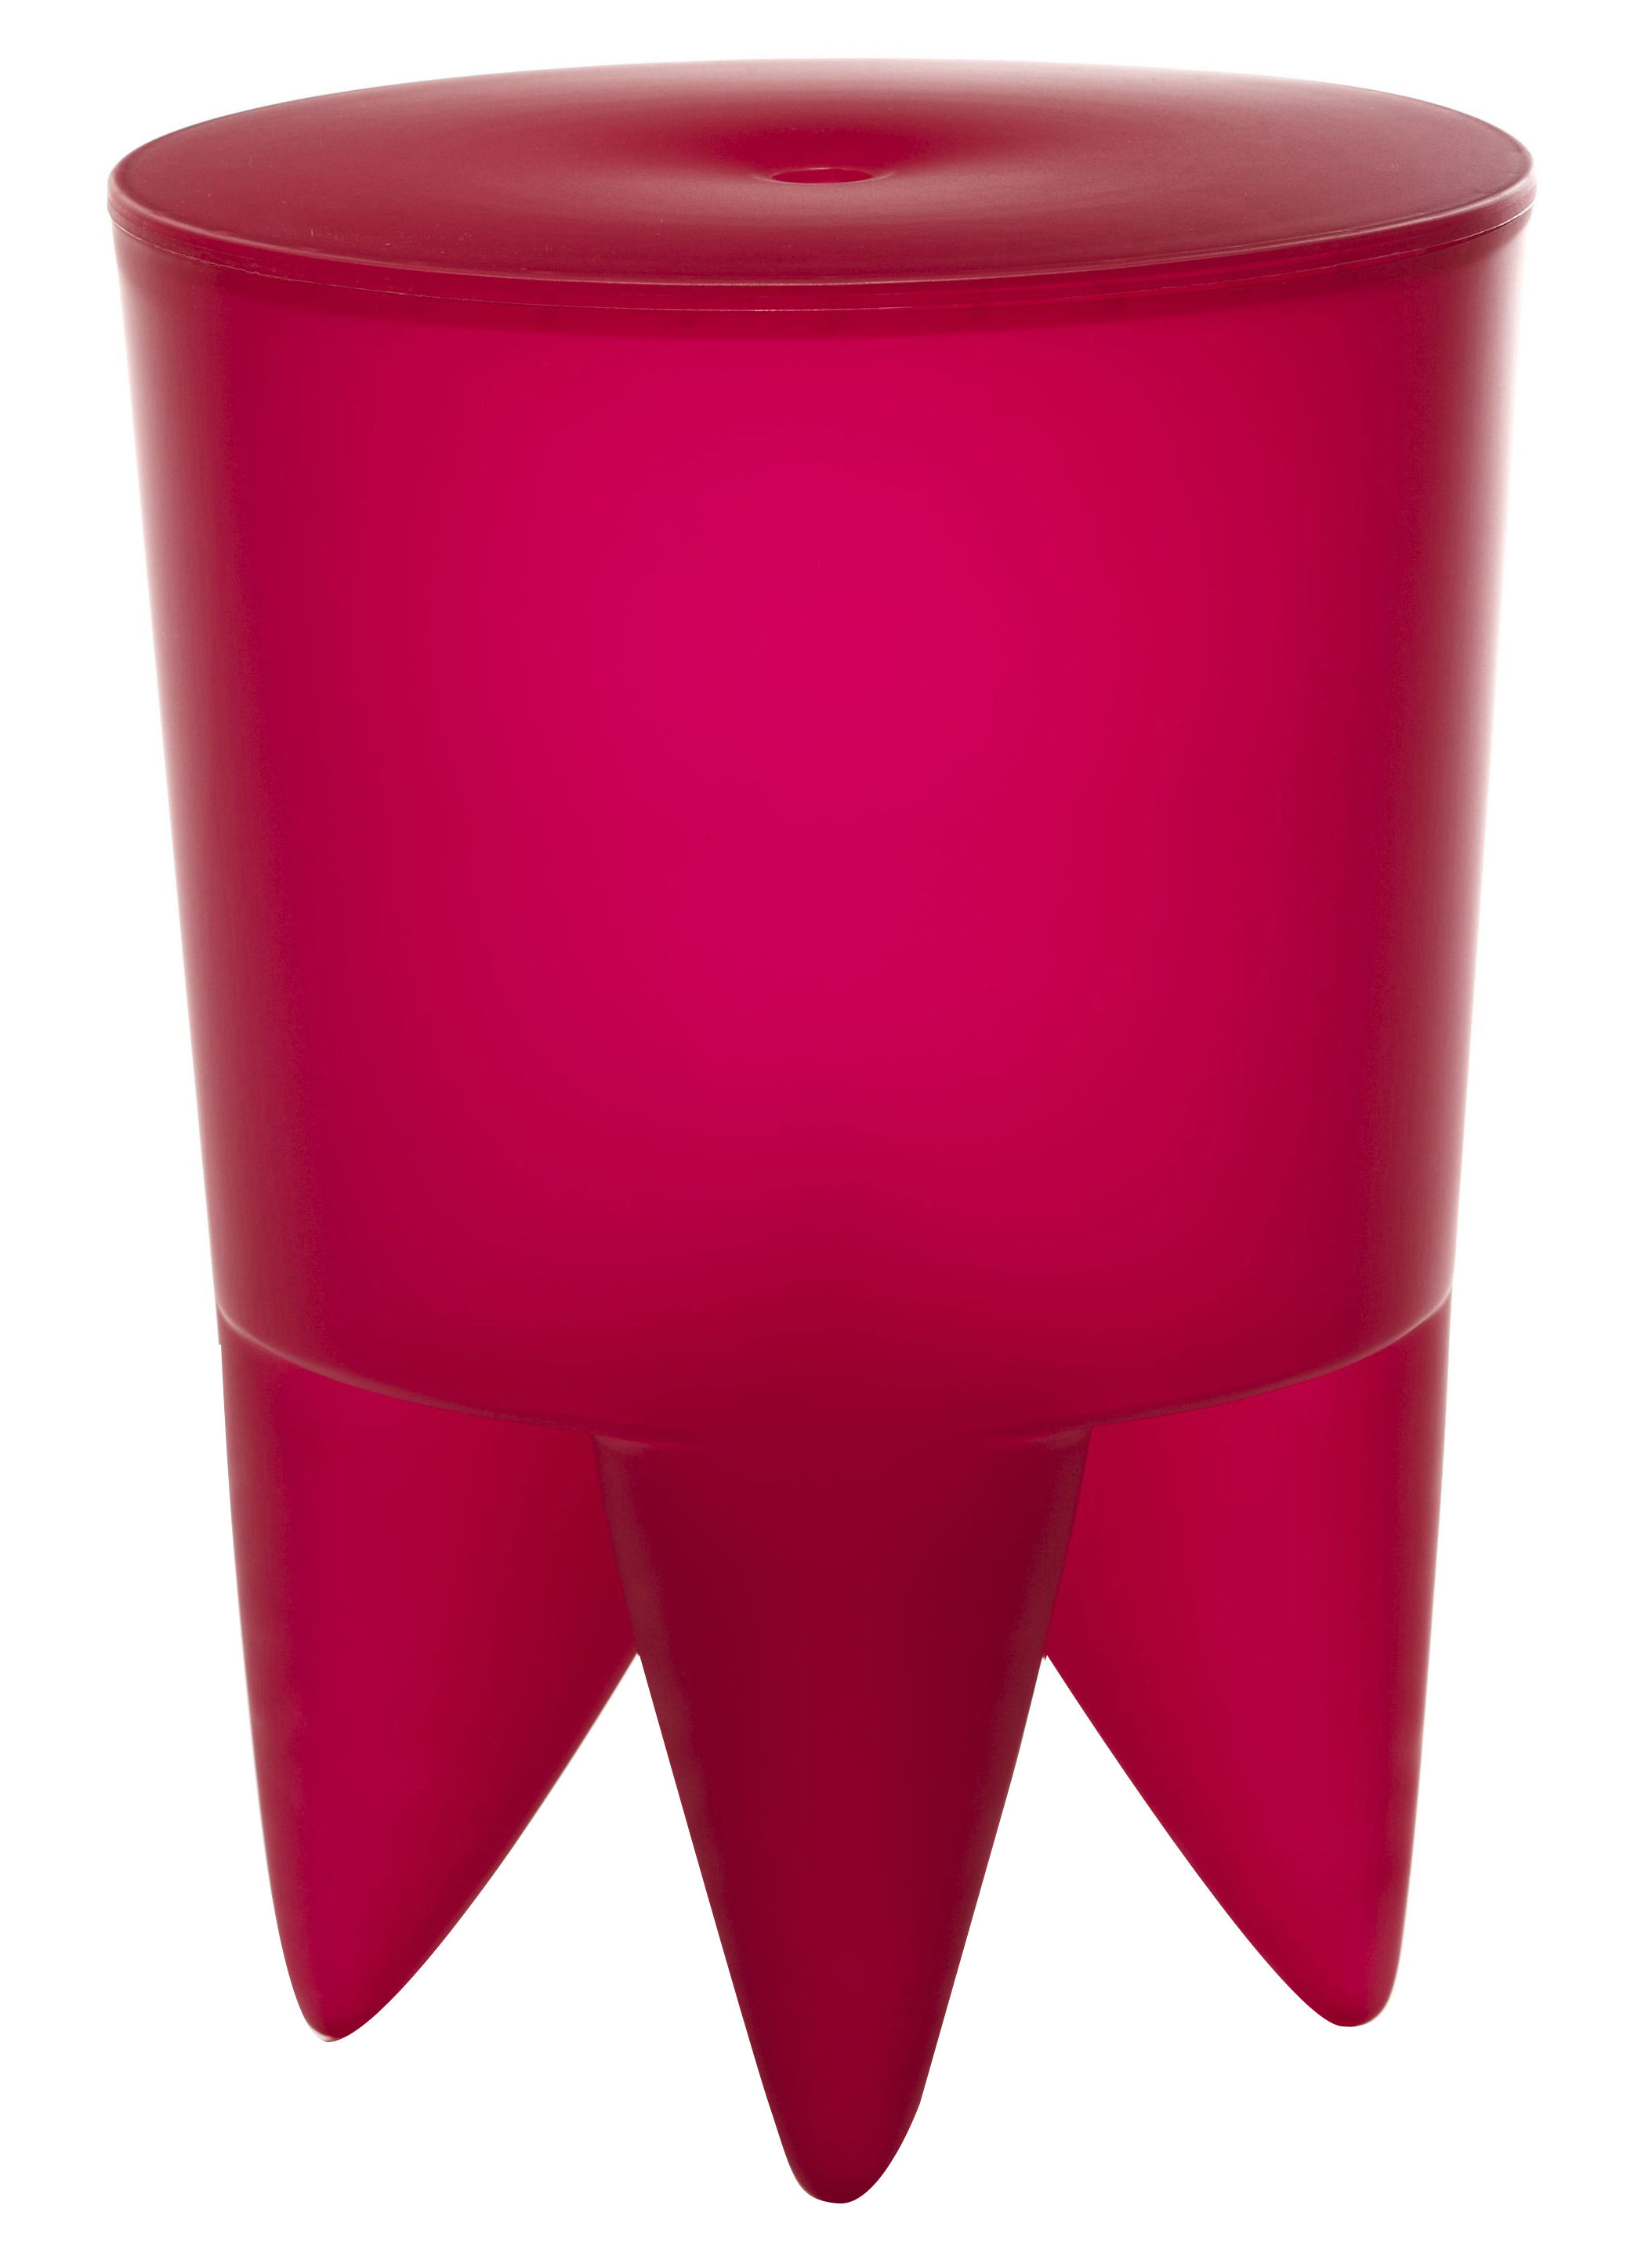 Mobilier - Mobilier Ados - Tabouret New Bubu 1er / Coffre - Plastique - XO - Bubble gum translucide - Polypropylène